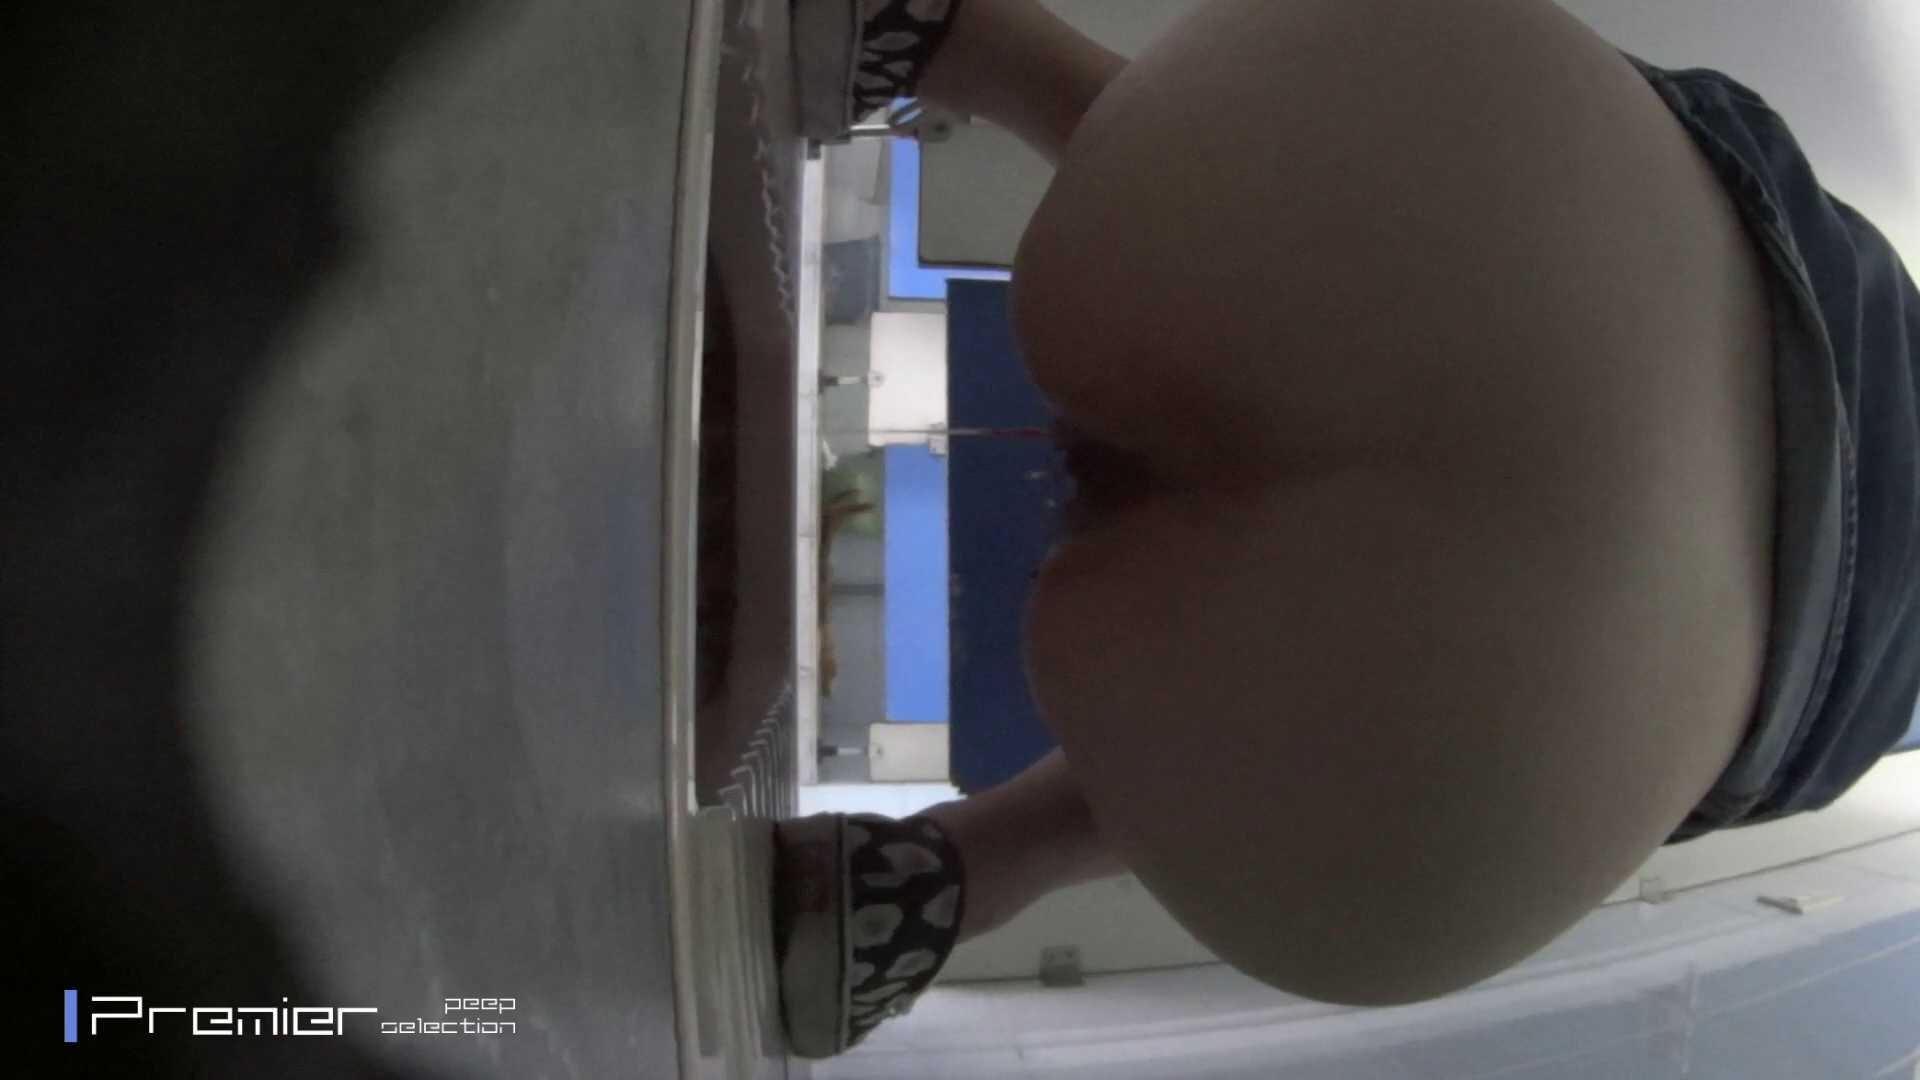 生理用ナプキン交換 大学休憩時間の洗面所事情77 美女達のヌード   お姉さん達のヌード  98連発 38